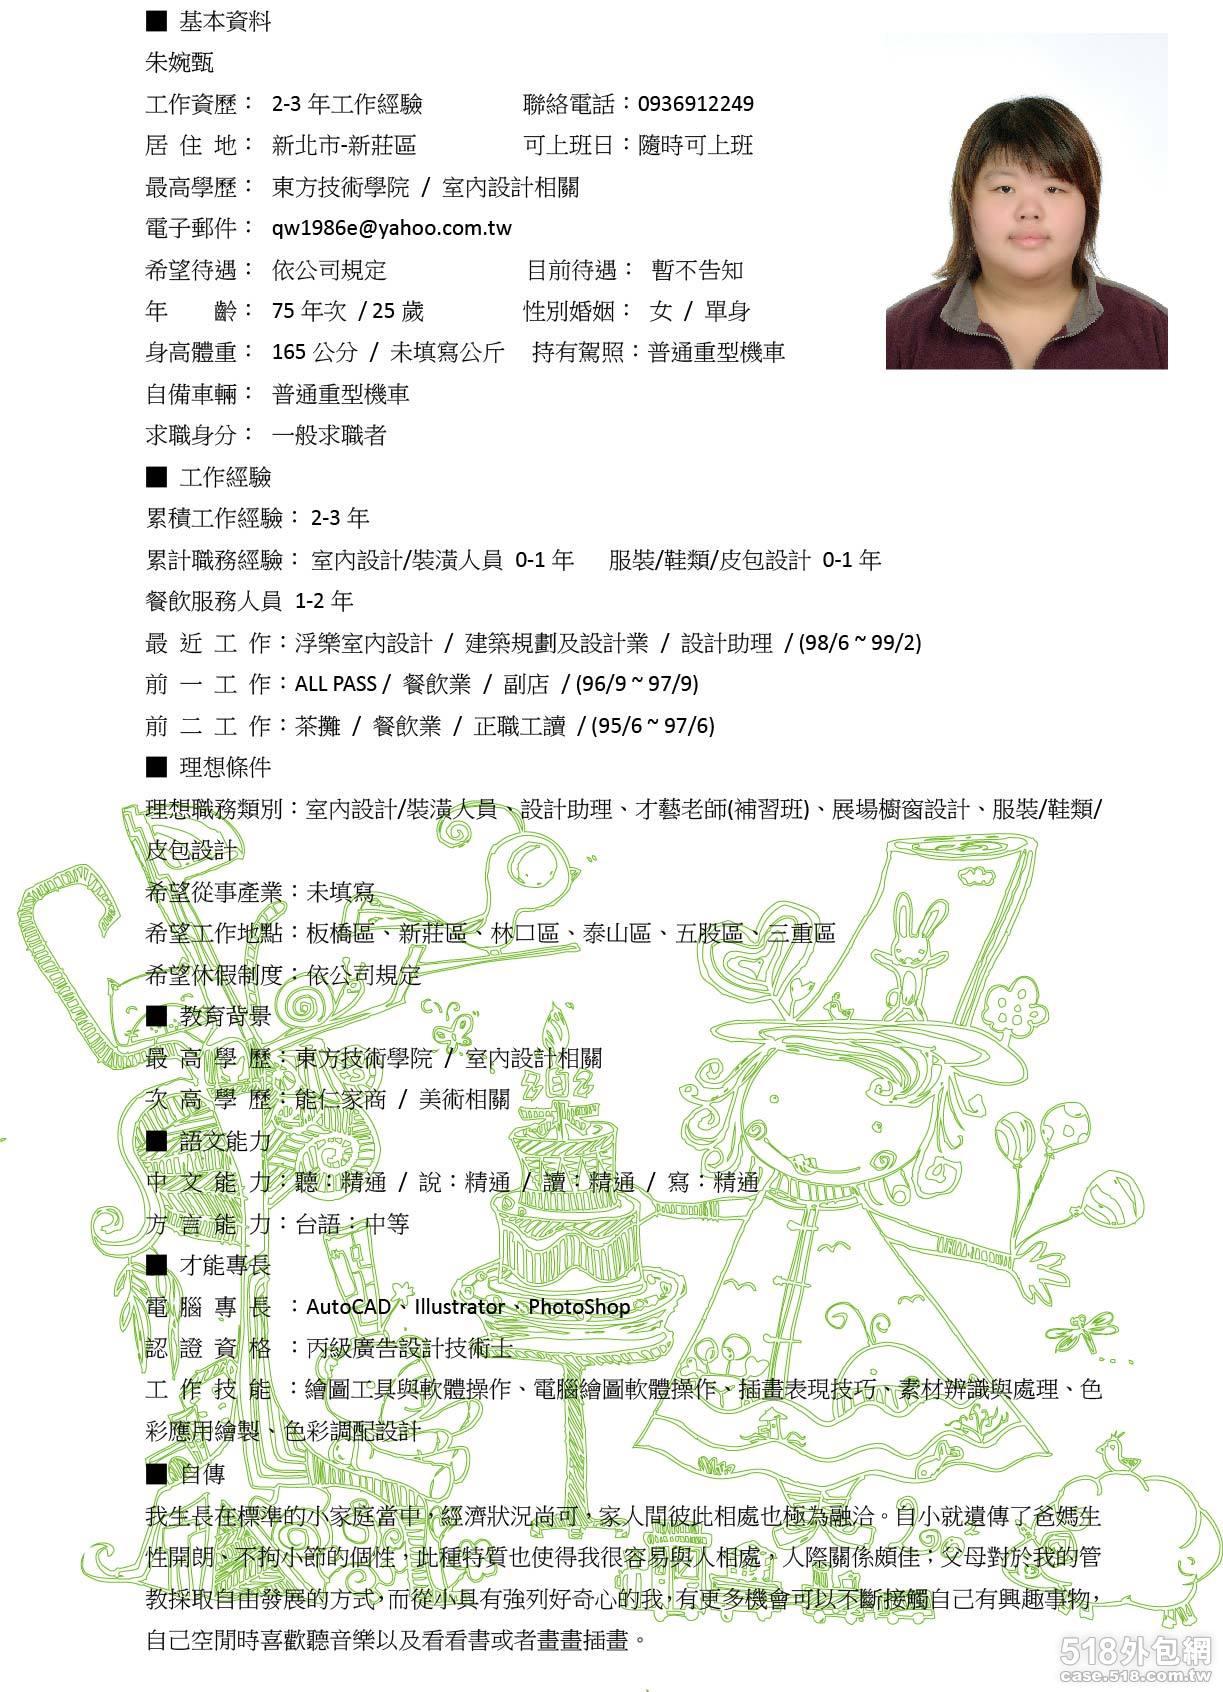 自製履歷 - 朱婉甄的工作室作品